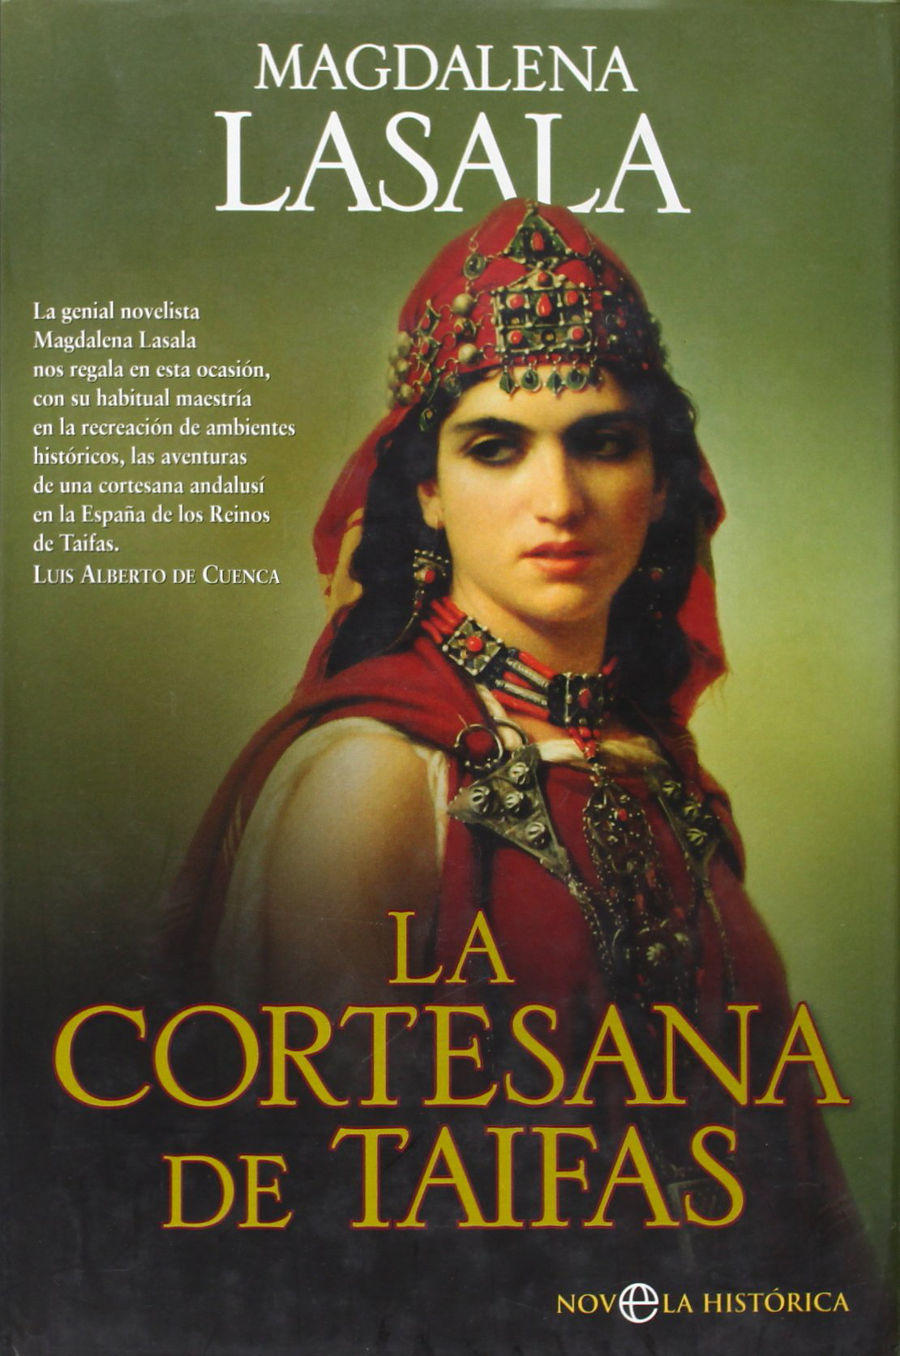 La cortesana de taifas Book Cover